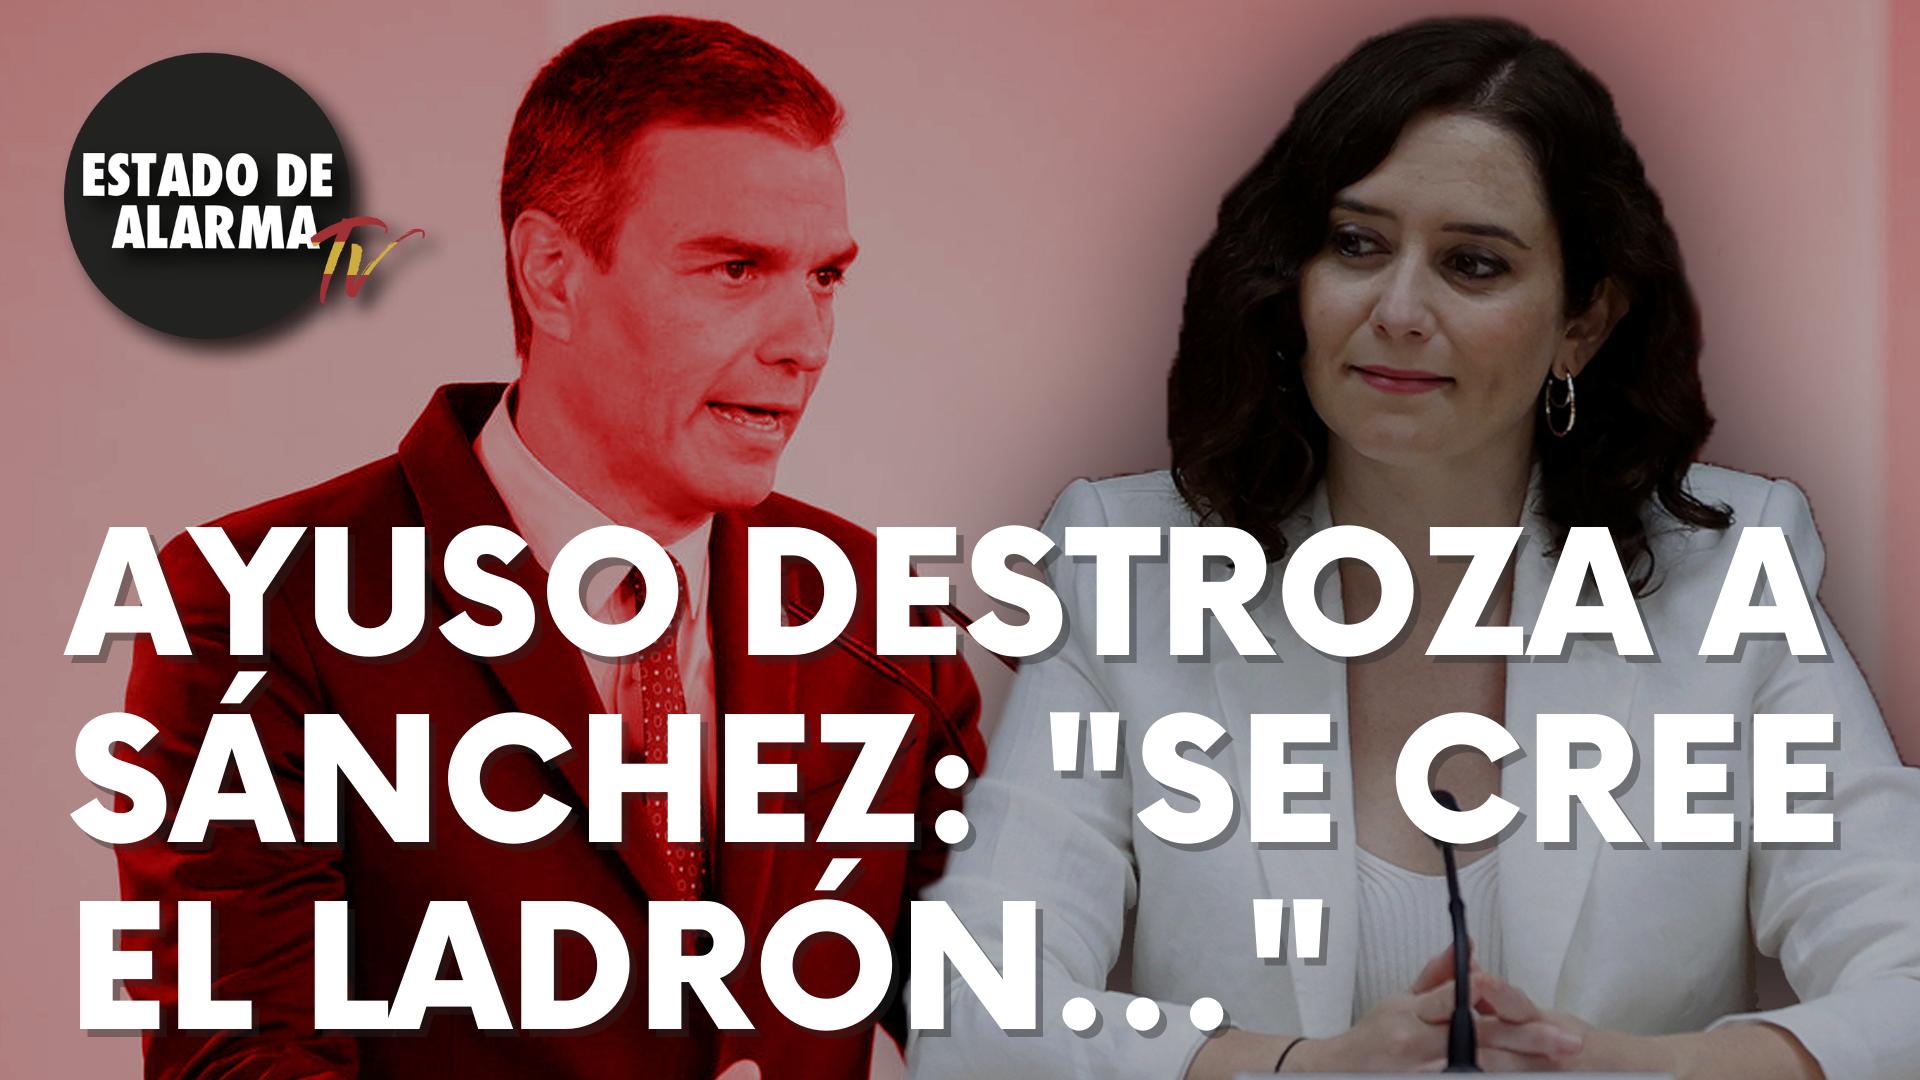 """La presidenta de Madrid, Isabel Díaz Ayuso, destroza a Pedro Sánchez: """"Se cree el ladrón..."""""""